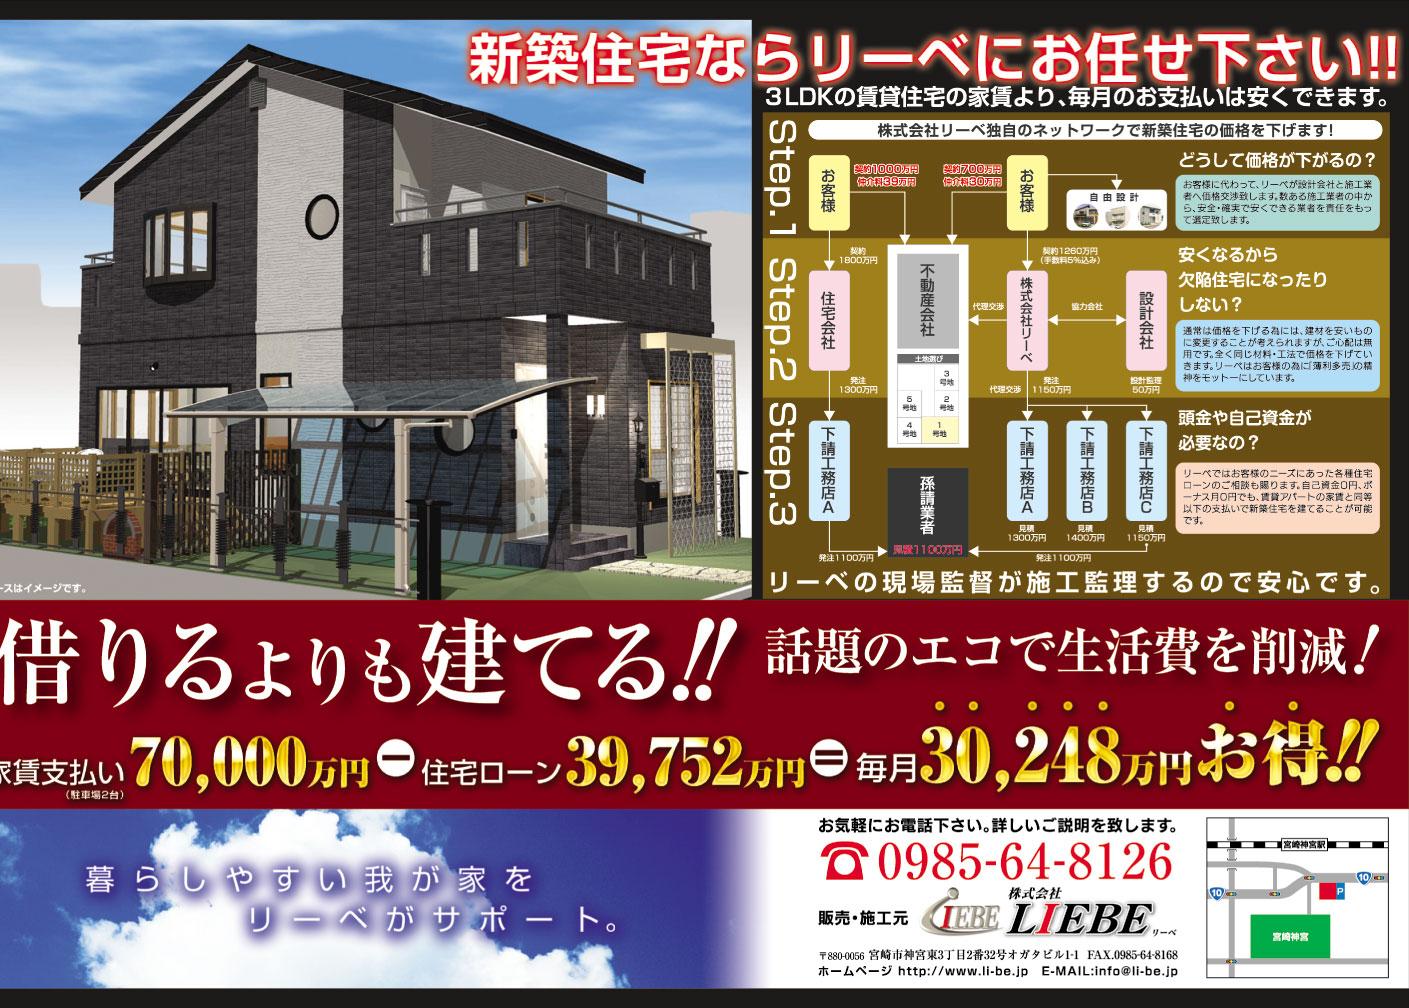 宮崎のゆったり戸建て3LDK